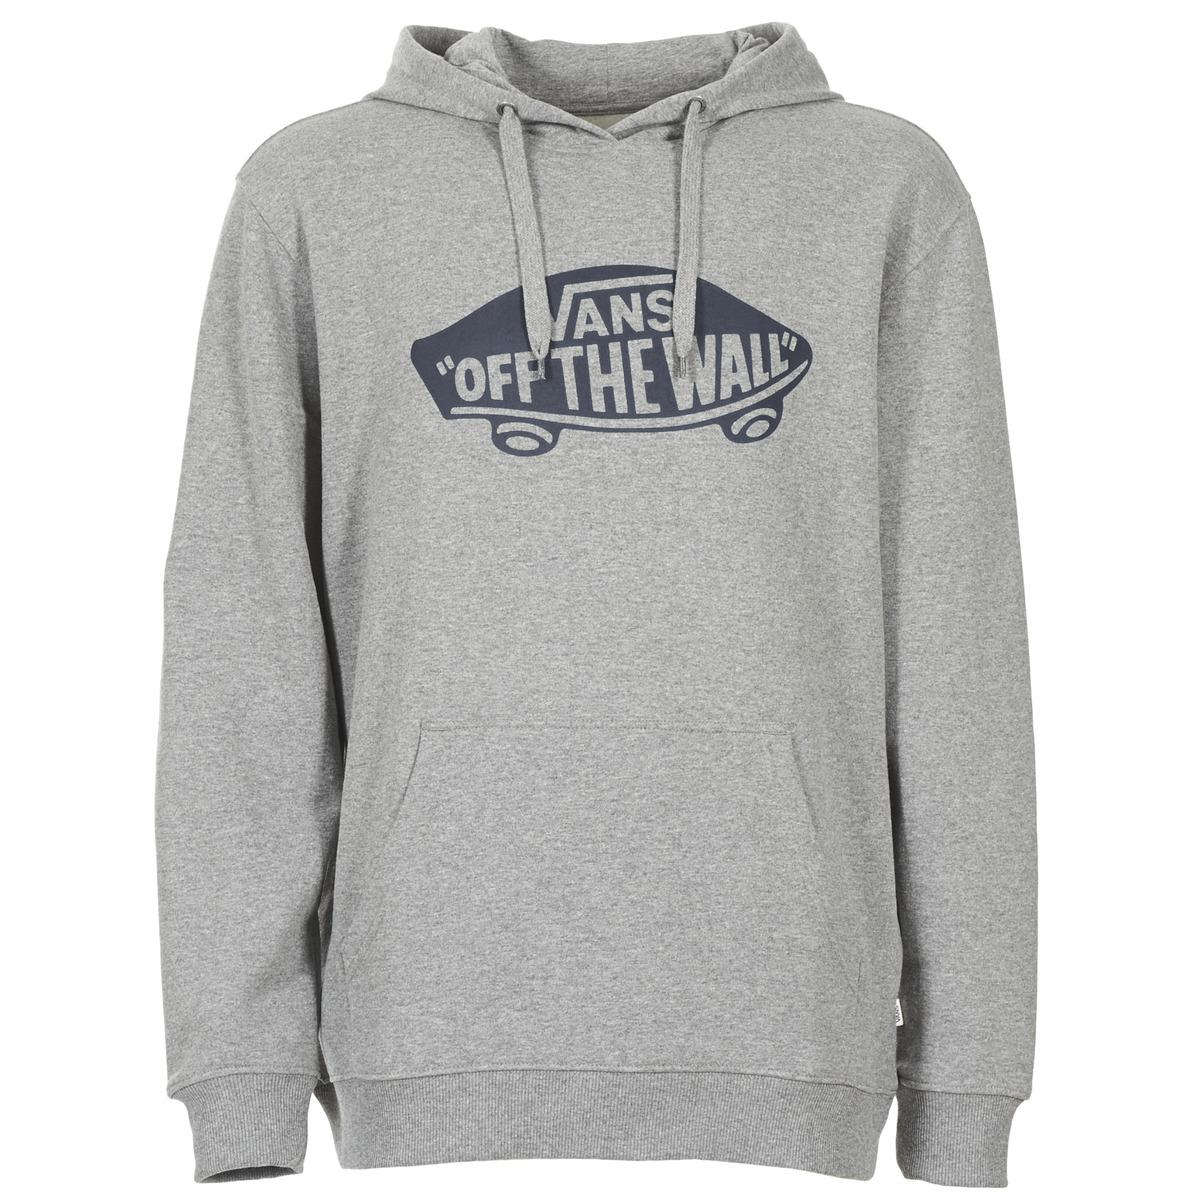 9b387edc1d59 Vans Otw Pullover Fleece Sweatshirt in Gray for Men - Lyst